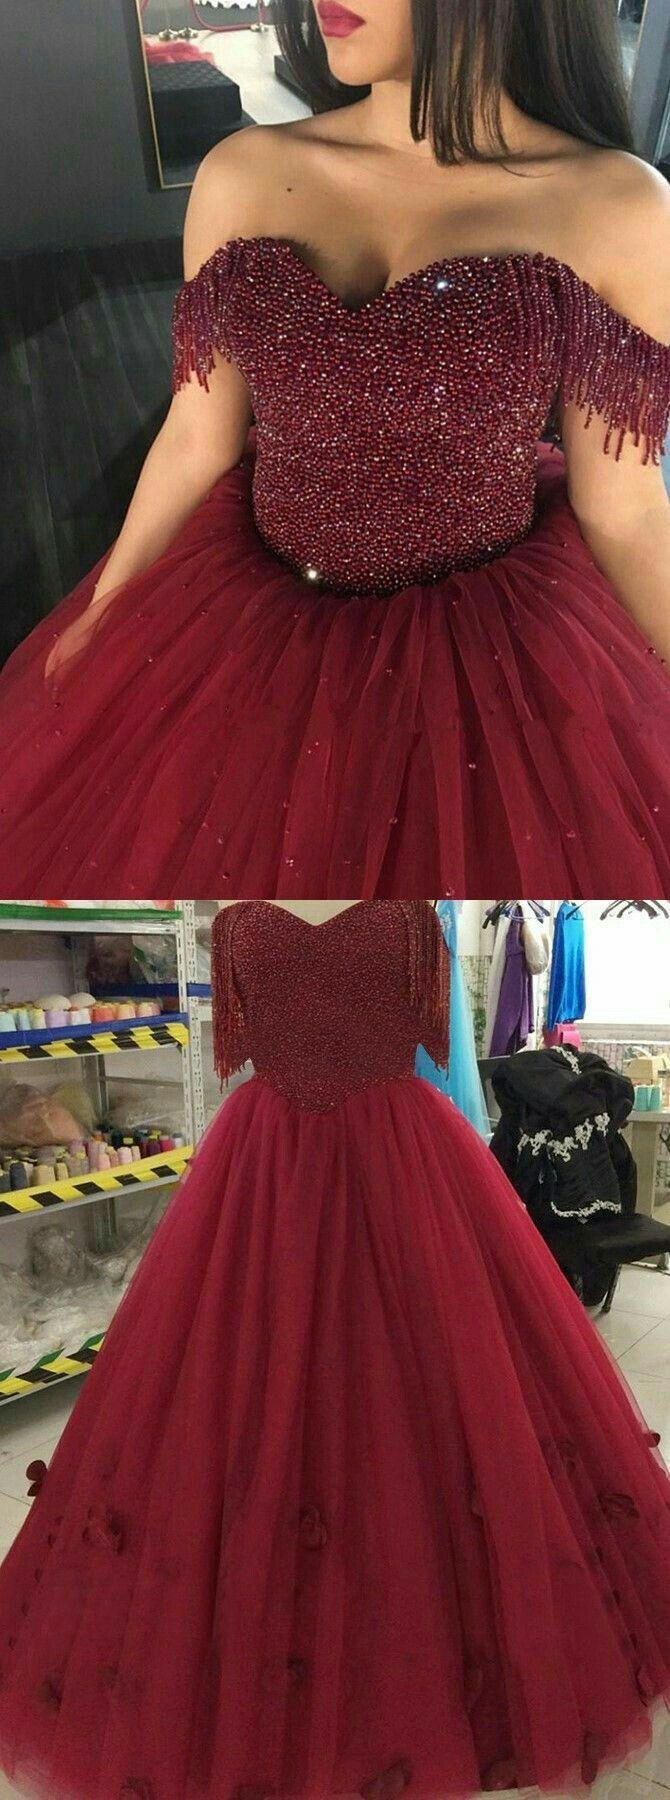 Bonito En 2019 Vestidos De Xv Rojos Vestidos Vino Y